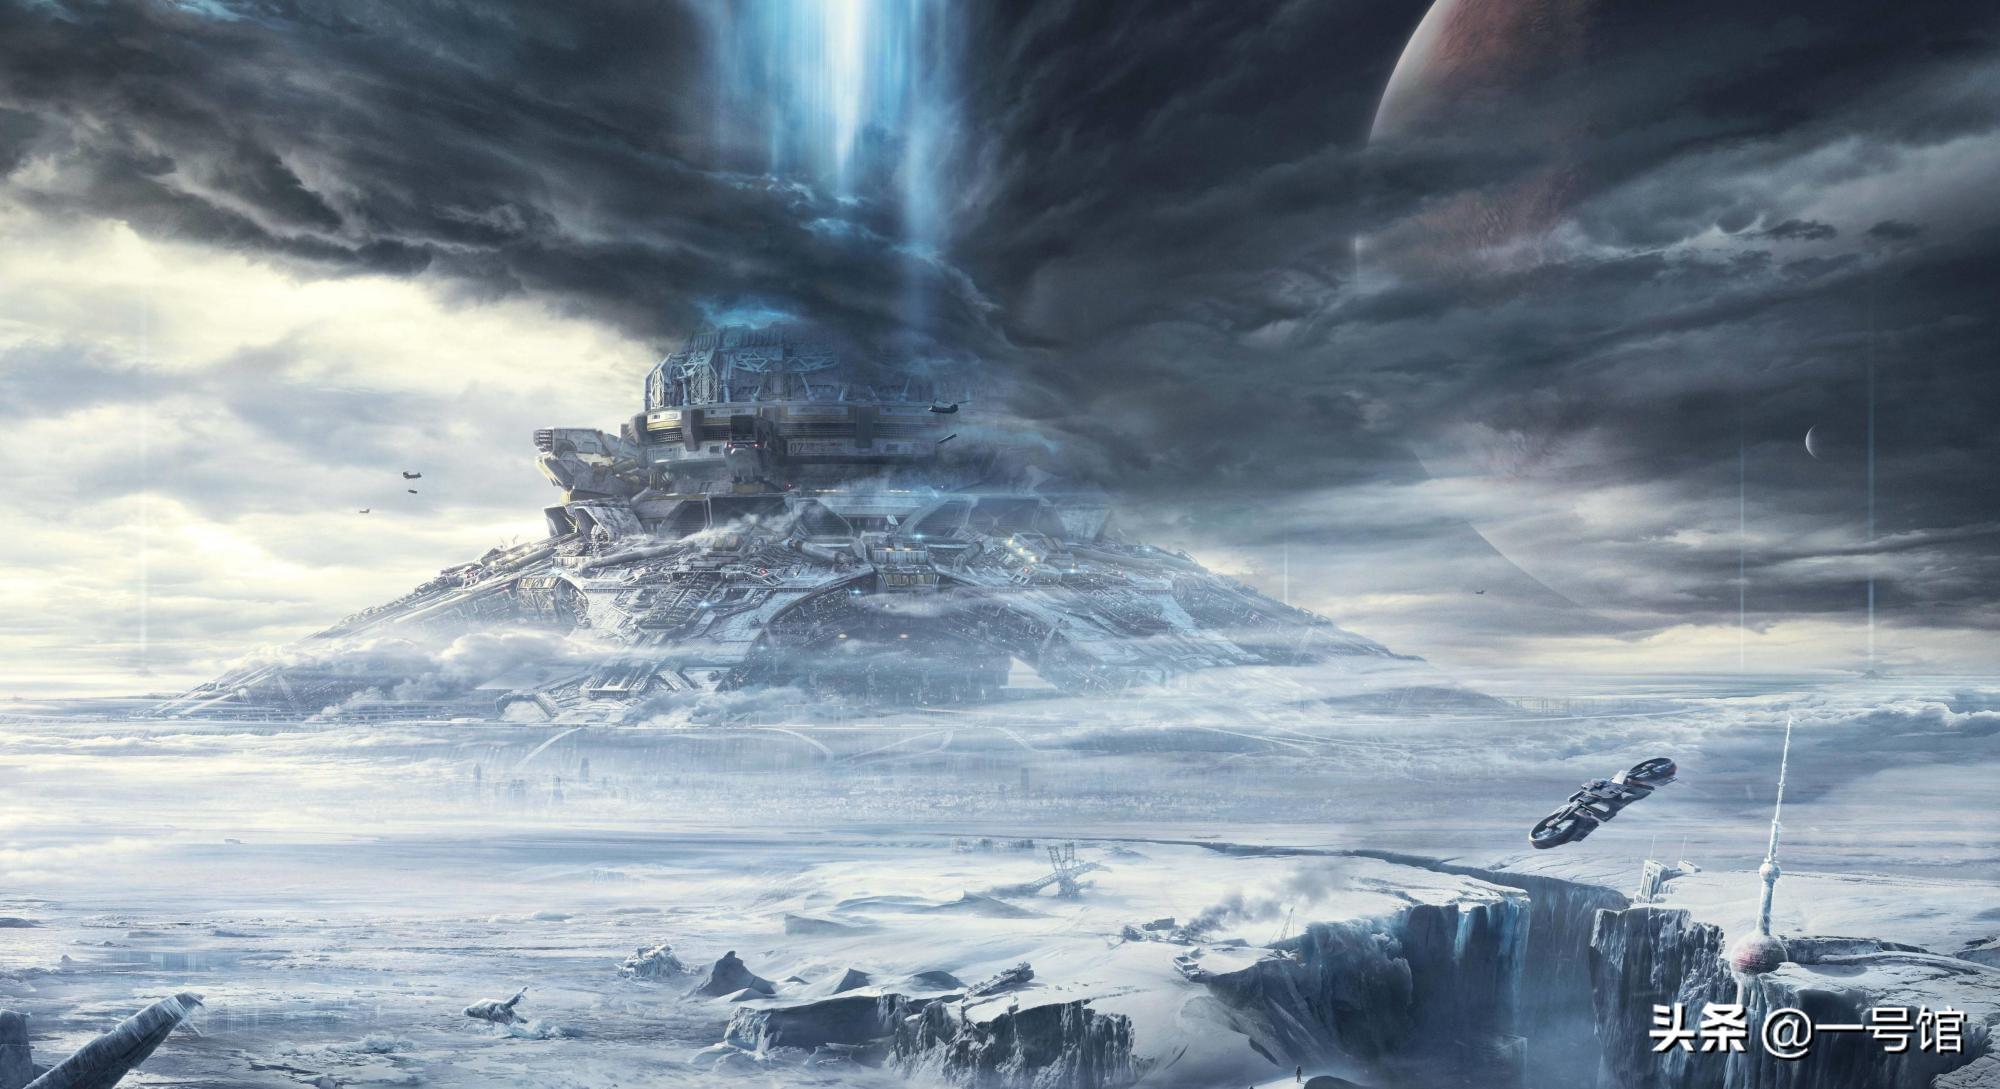 电影《流浪地球2》免费在线观看(完整加长版)【1080P超高清】中字-聚趣客娱乐网